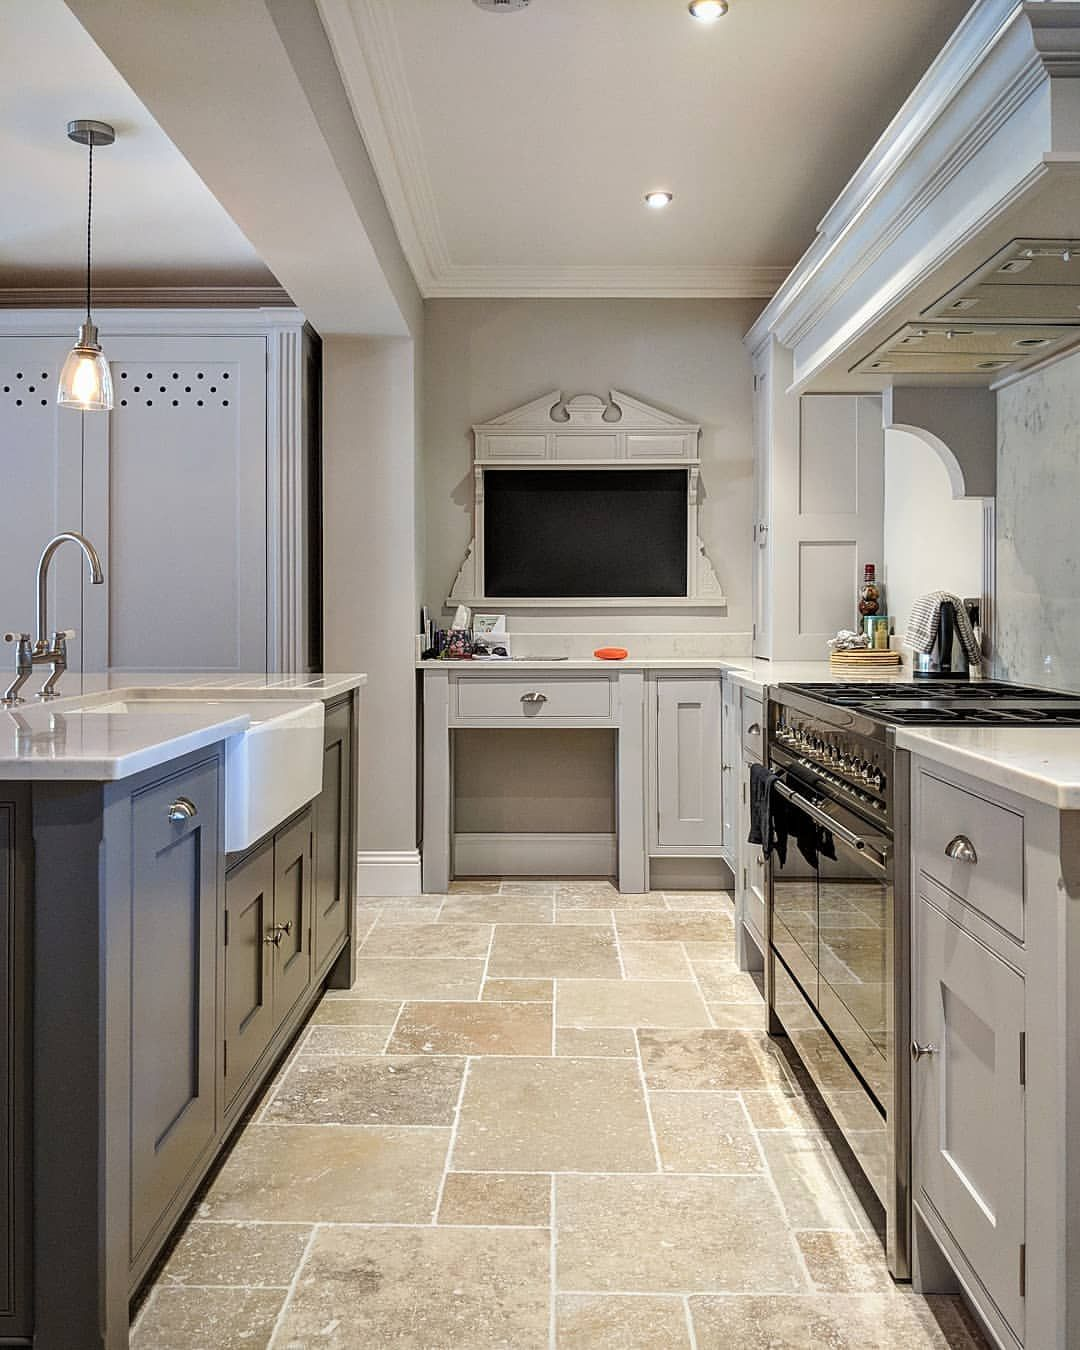 Best Russell Alexander Kitchens Handmade Bespoke Kitchen 400 x 300